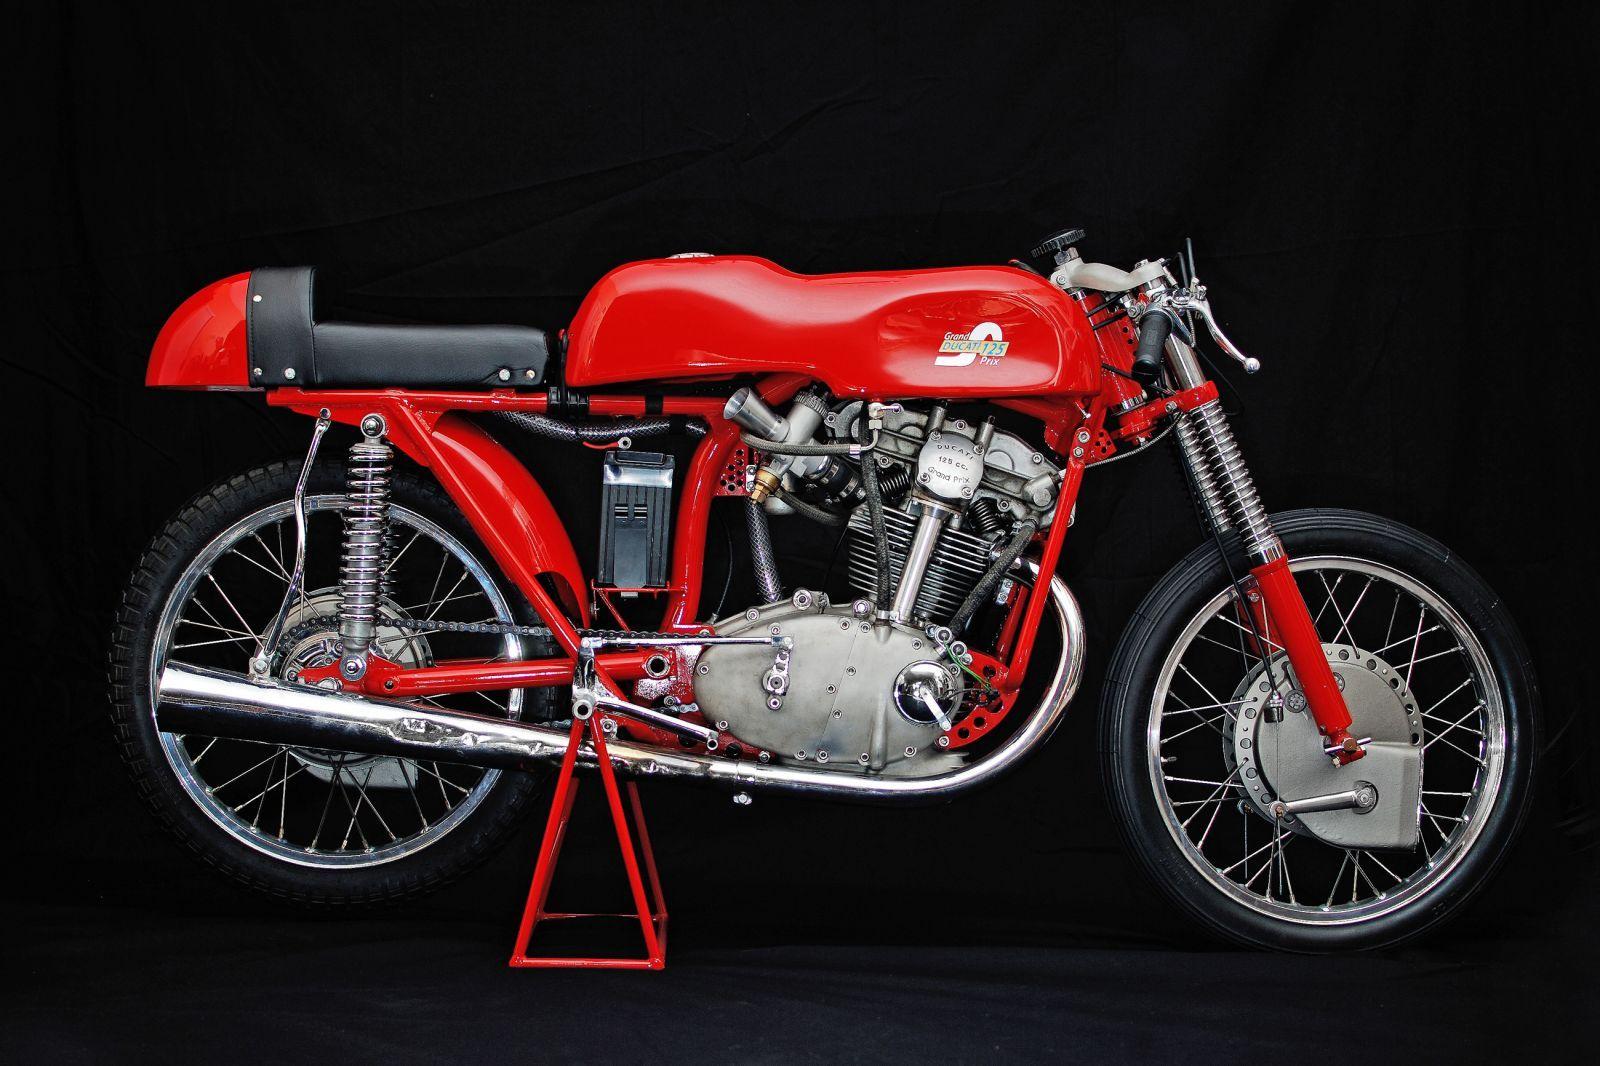 Auto D Occasion >> Moto DUCATI vintage de collection - moto scooter - Motos d ...